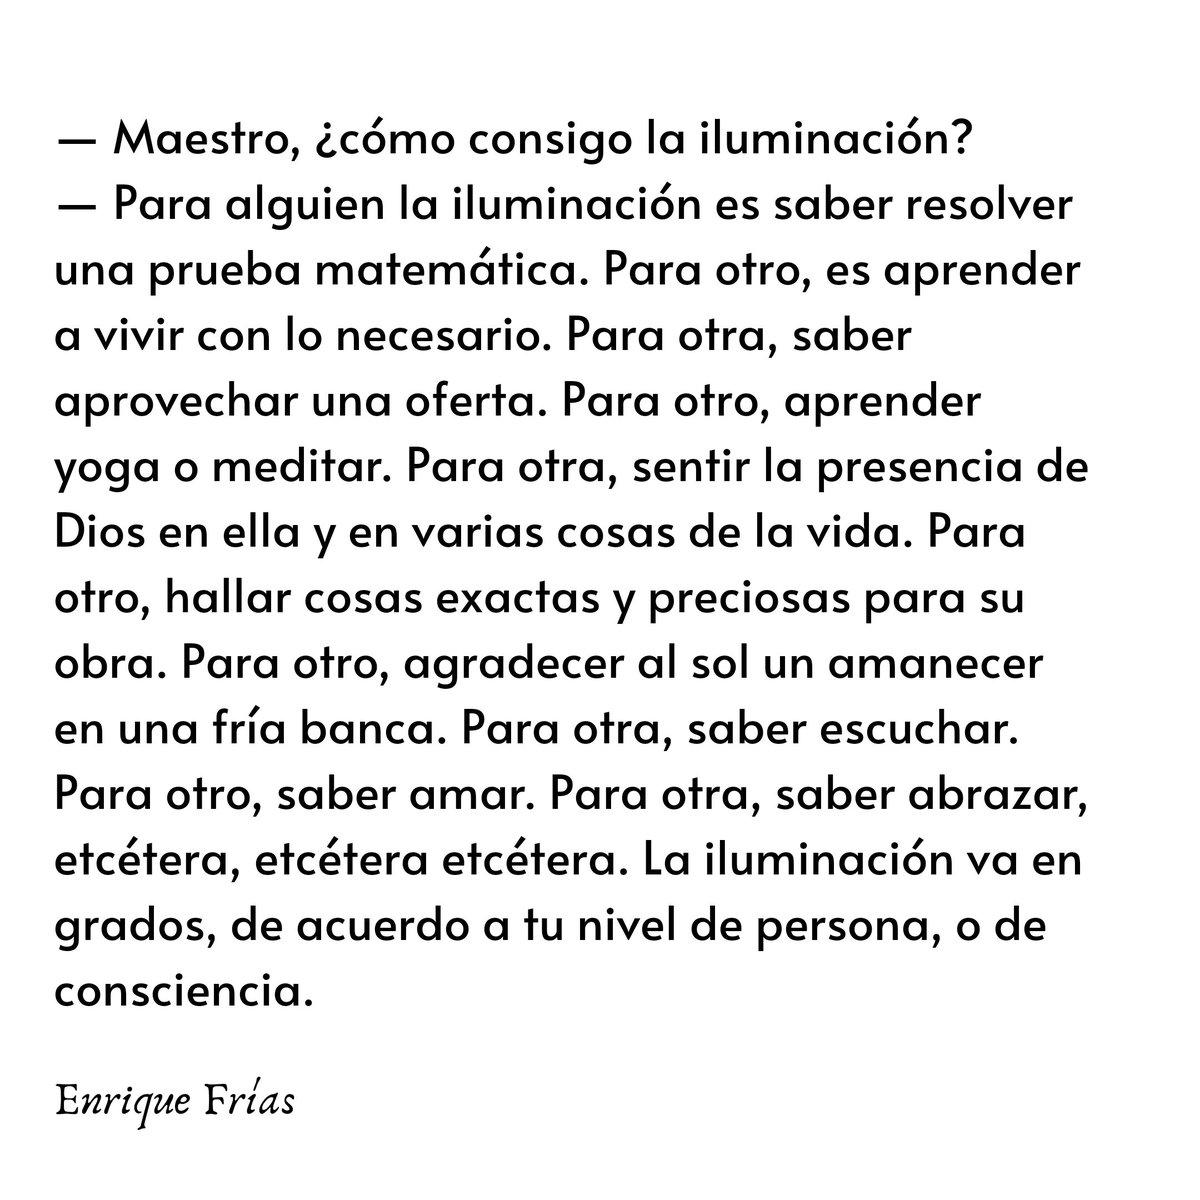 Maestro, ¿cómo consigo la iluminación? https://t.co/LR2J2vQT3p https://t.co/62noCNWyS0